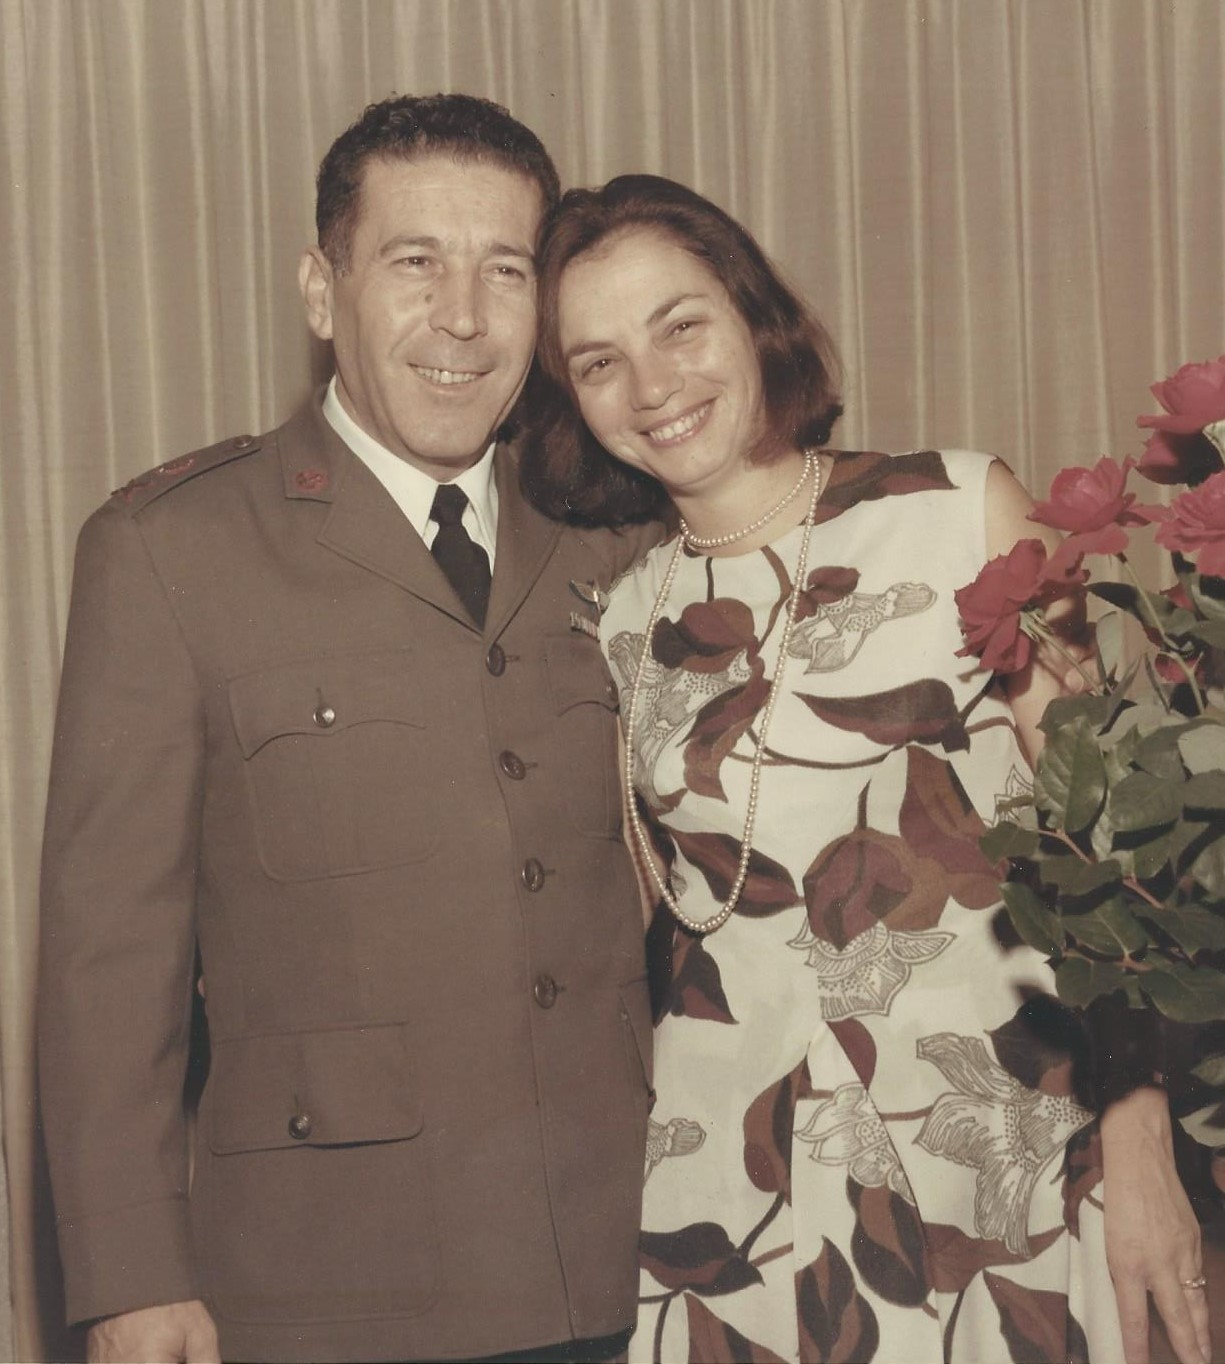 חגית וטליק באירוע ב-1970